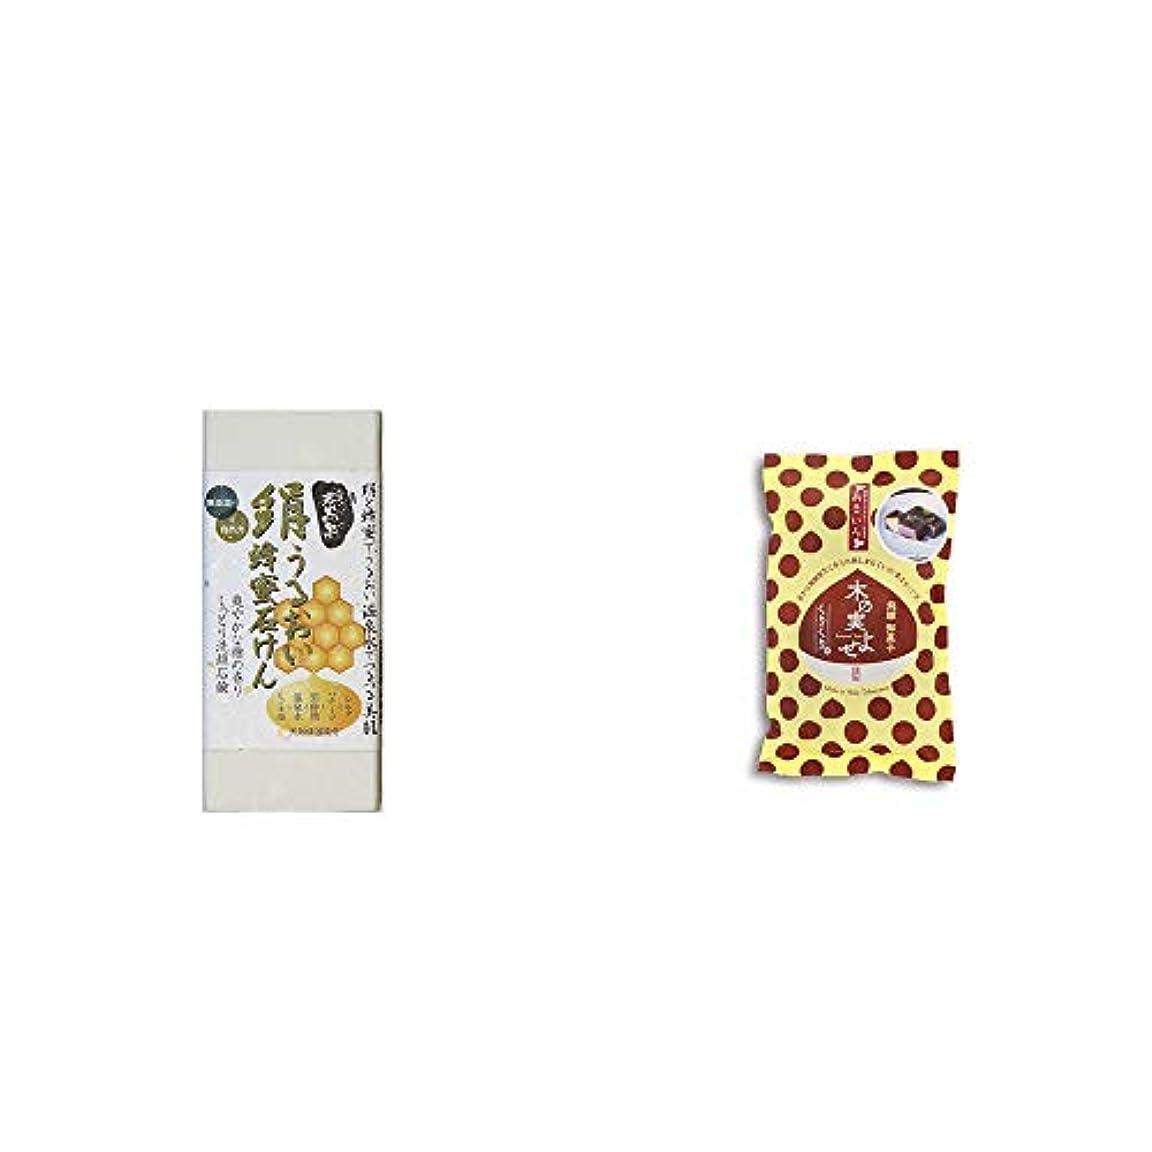 驚かす砲撃一定[2点セット] ひのき炭黒泉 絹うるおい蜂蜜石けん(75g×2)?木の実よせ くりくり味(5個入)